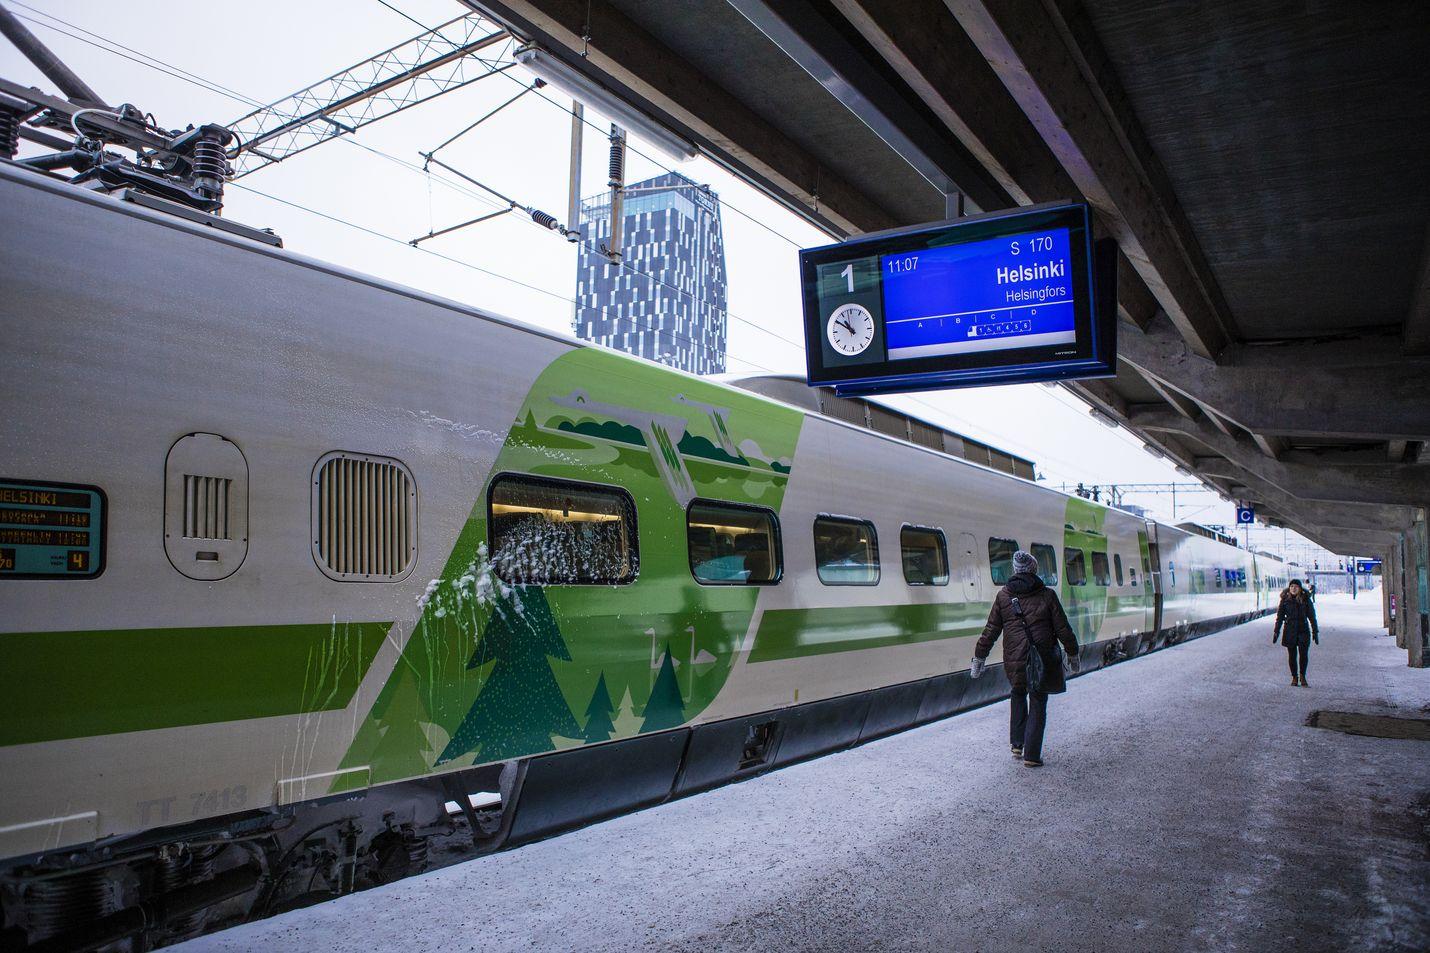 Viime vuonna kotimaan junaliikenteessä rikkoutui 13 miljoonaan matkan raja. Kasvua odotetaan tälle vuodelle edelleen.